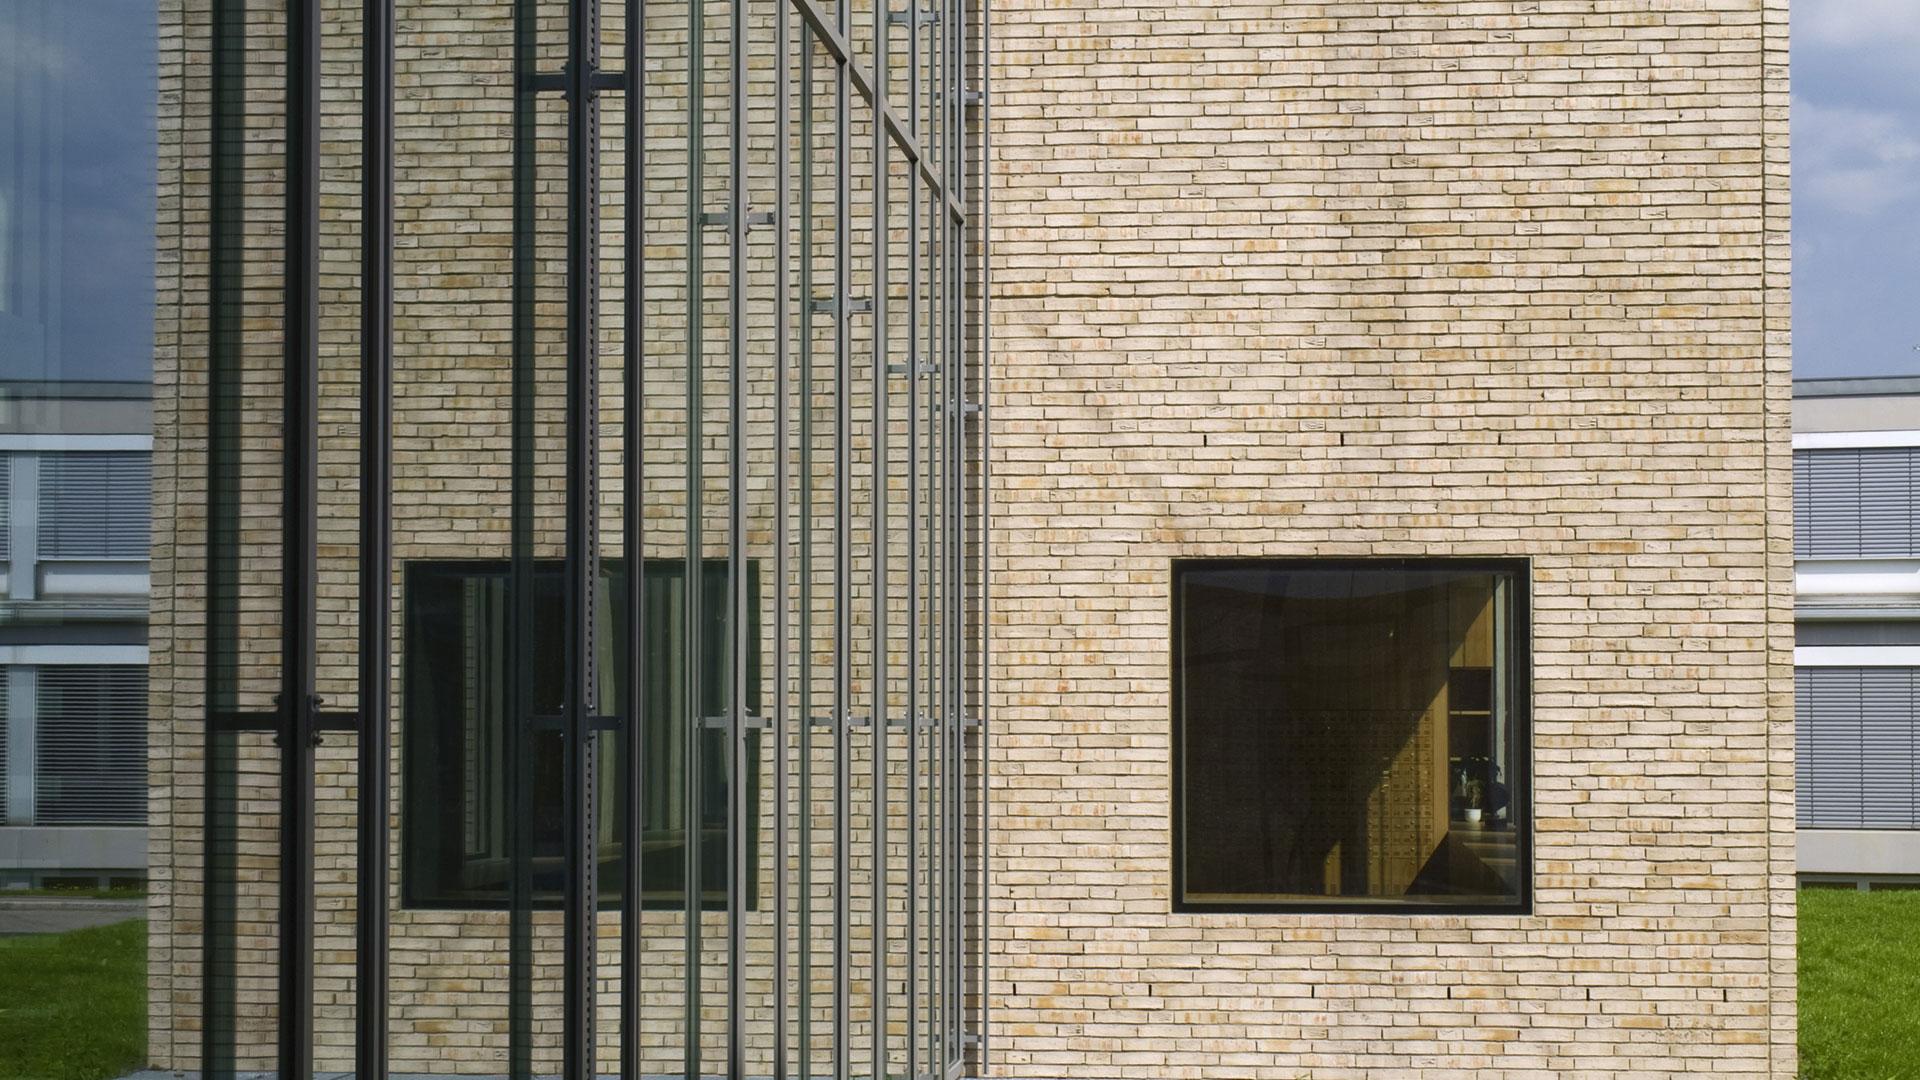 Max-Planck-Institut Freiburg 4 - ArGe Architekten